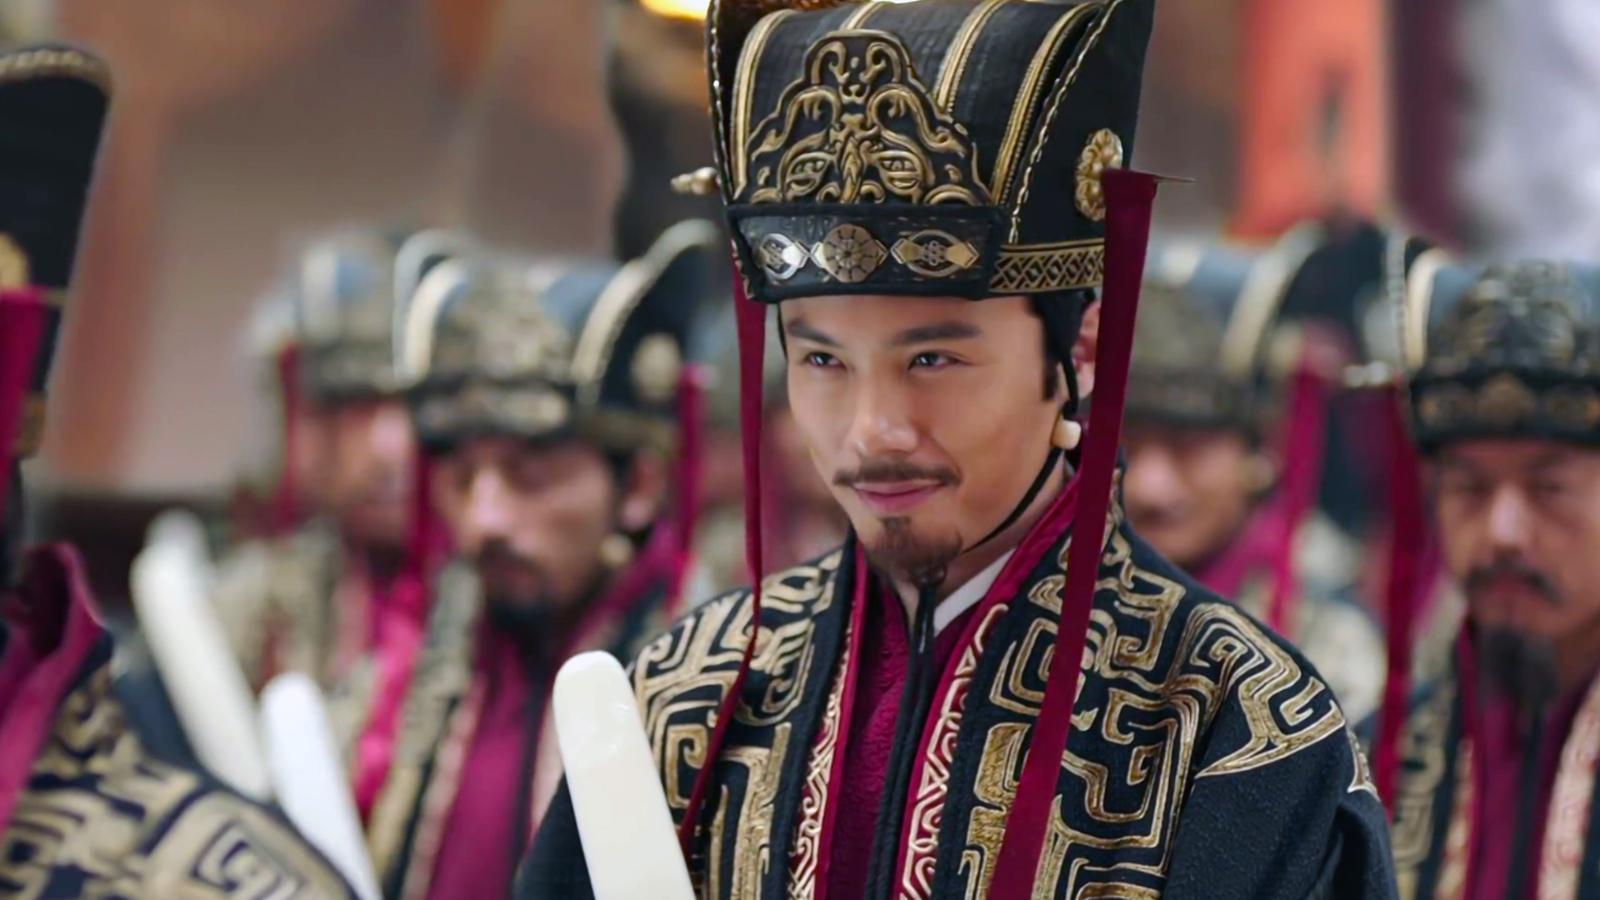 邓艾、钟会、姜维、司马昭谁厉害, 一场灭蜀大戏, 告诉你答案